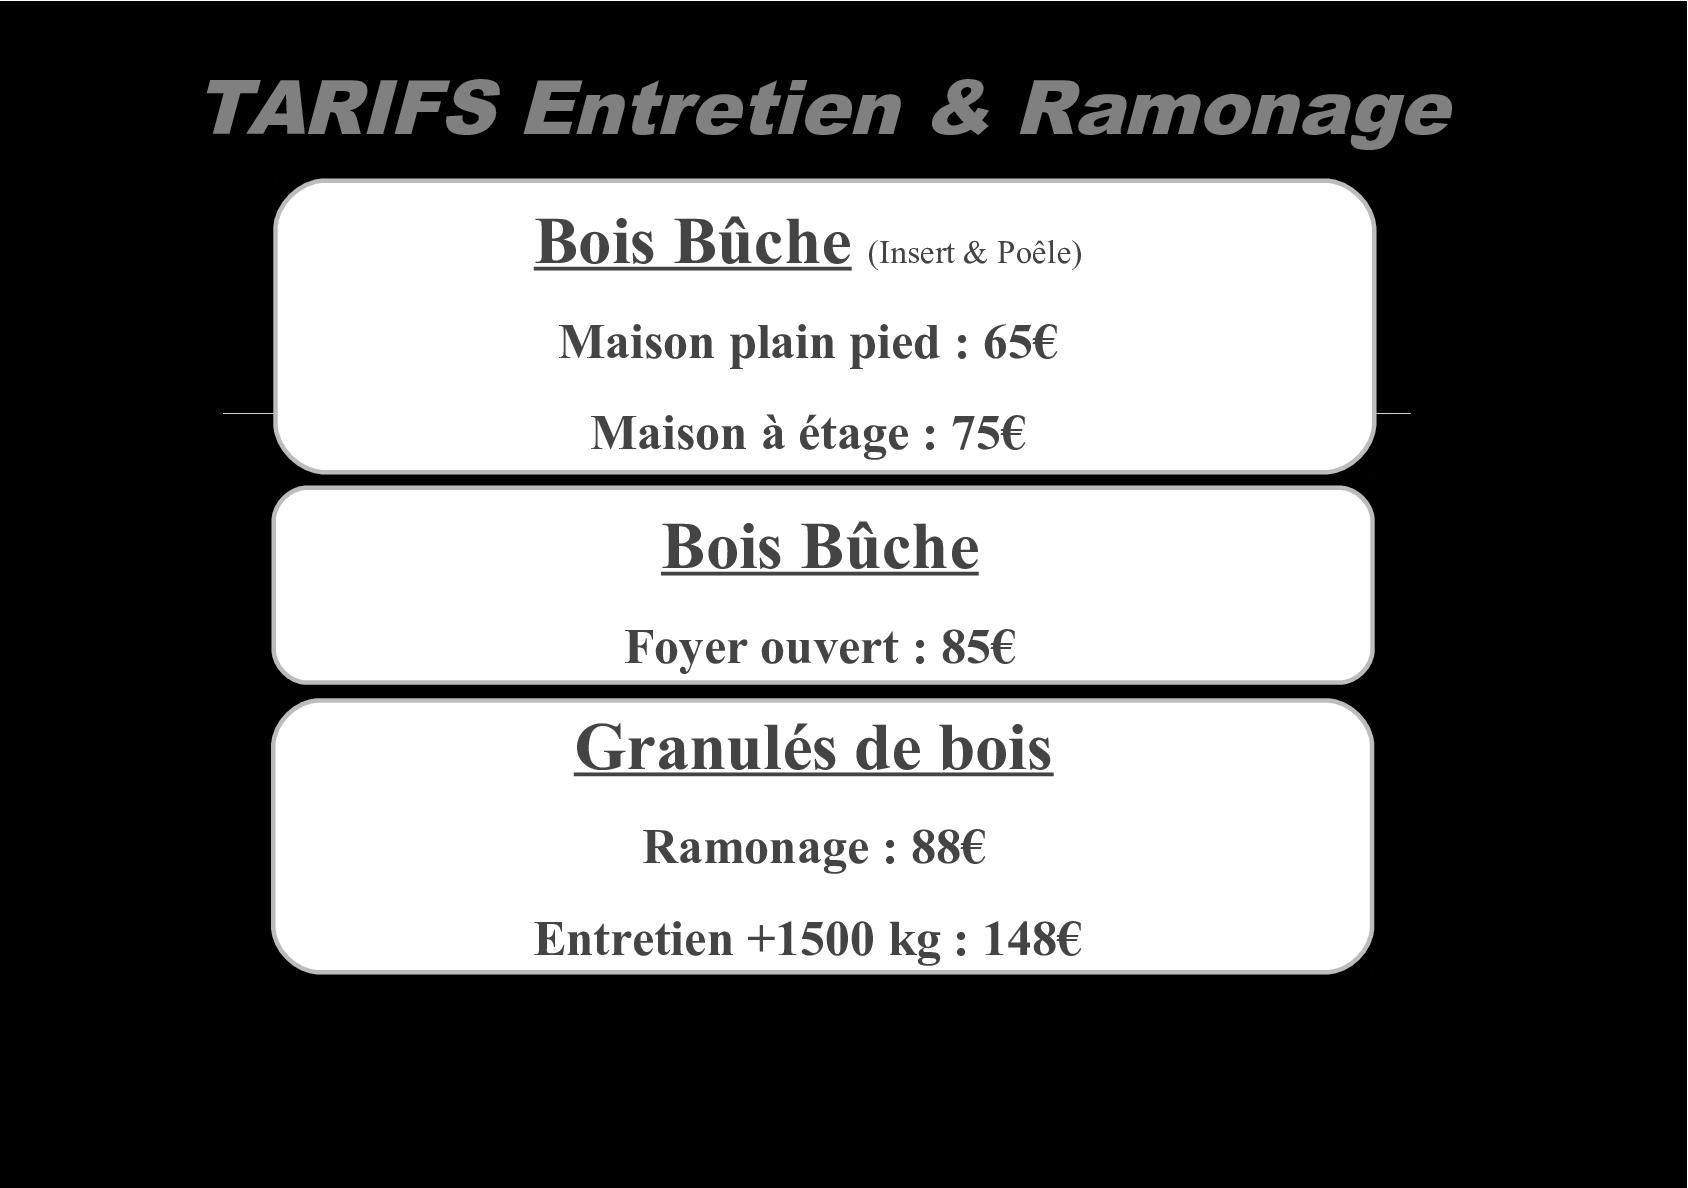 Tarifs_entretien_ramonage-_Horizontal 1202